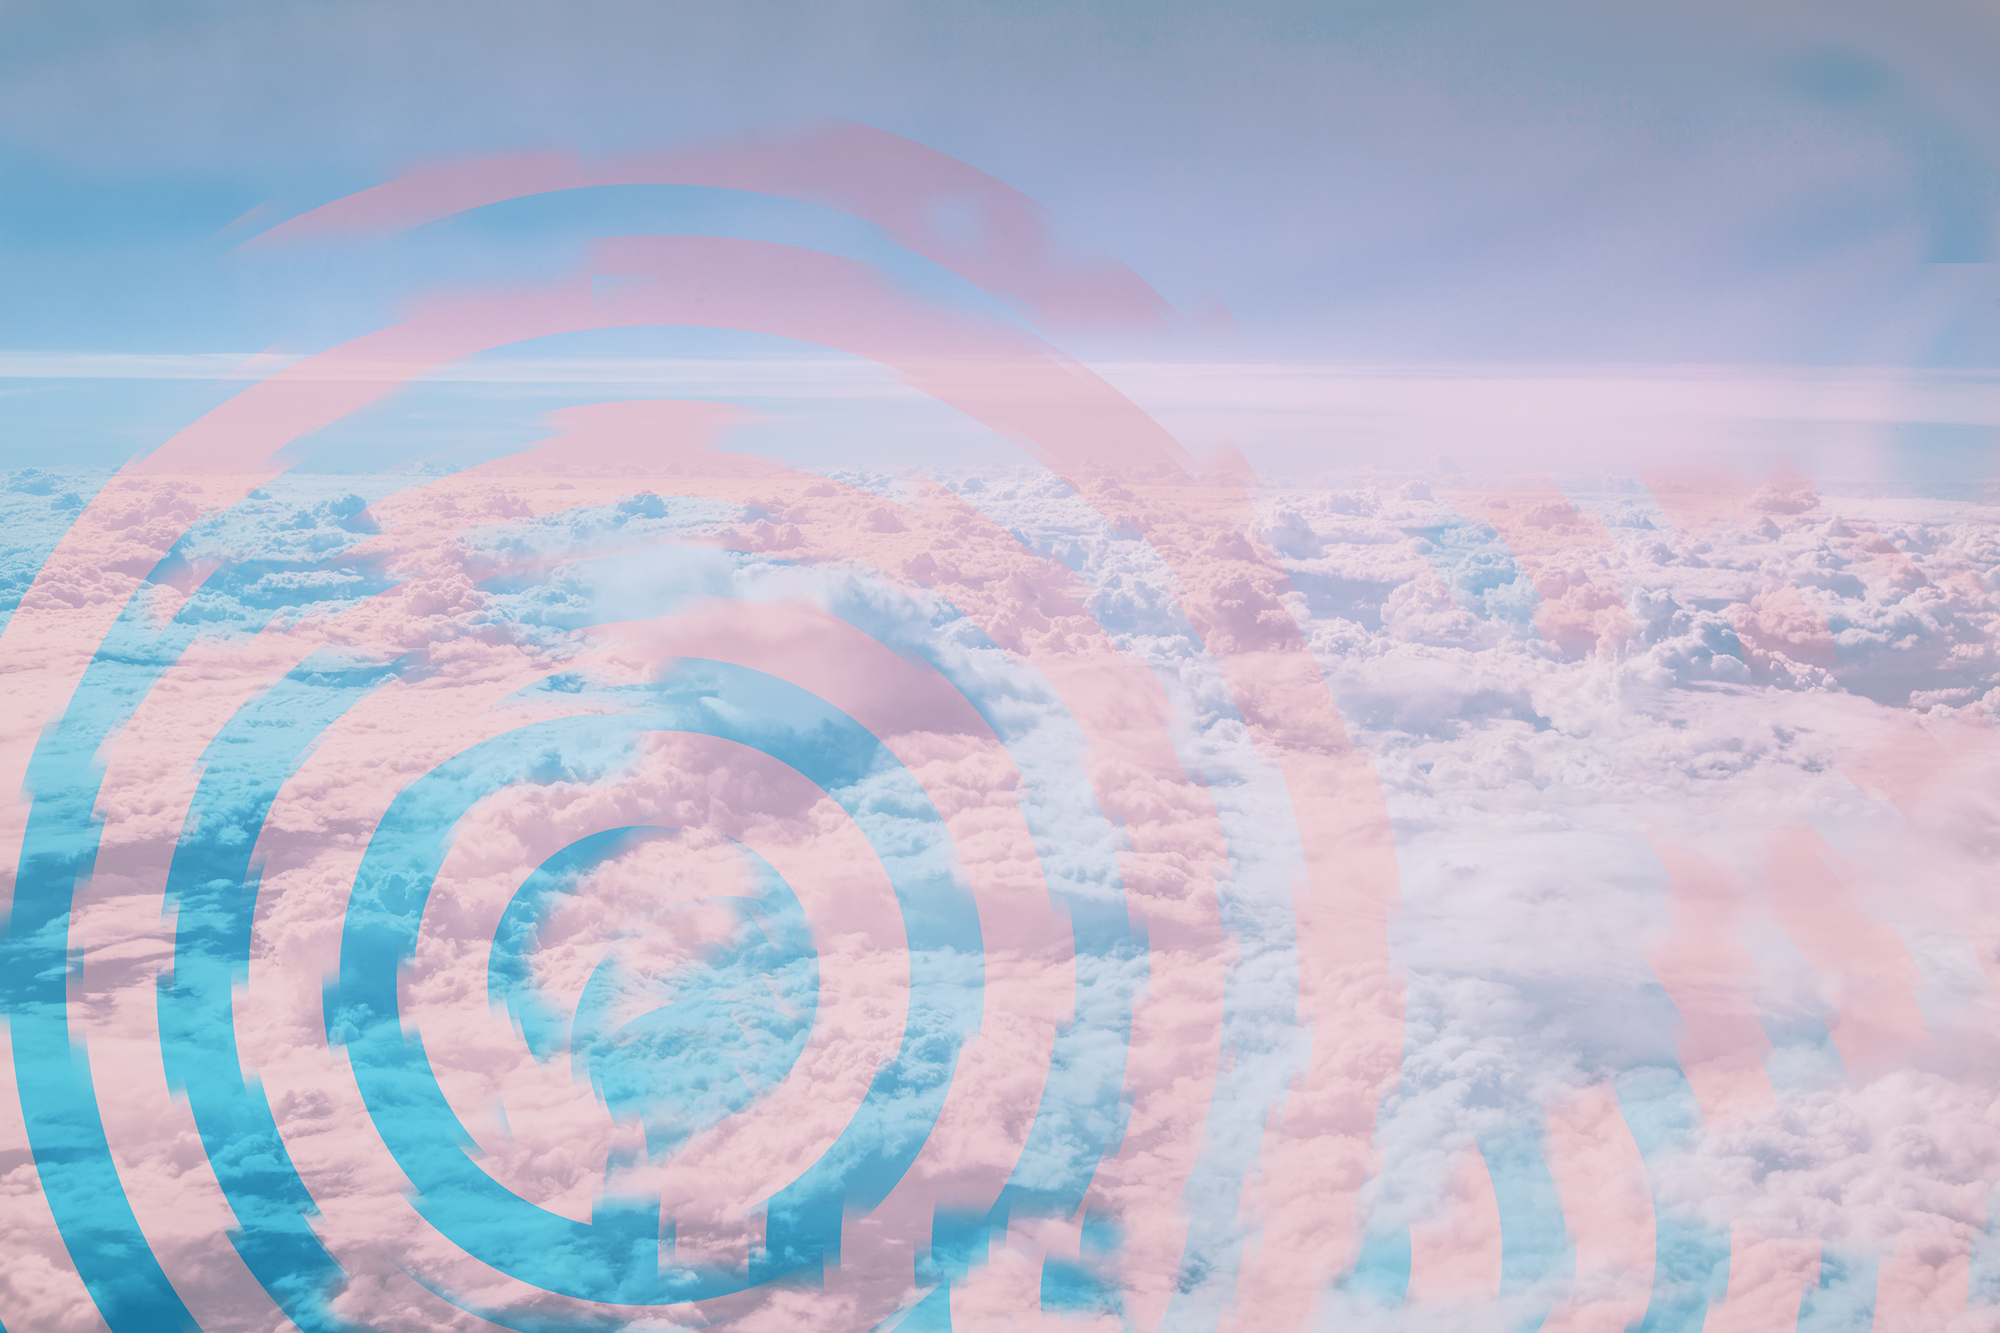 Broken Spiral Clouds, 2016